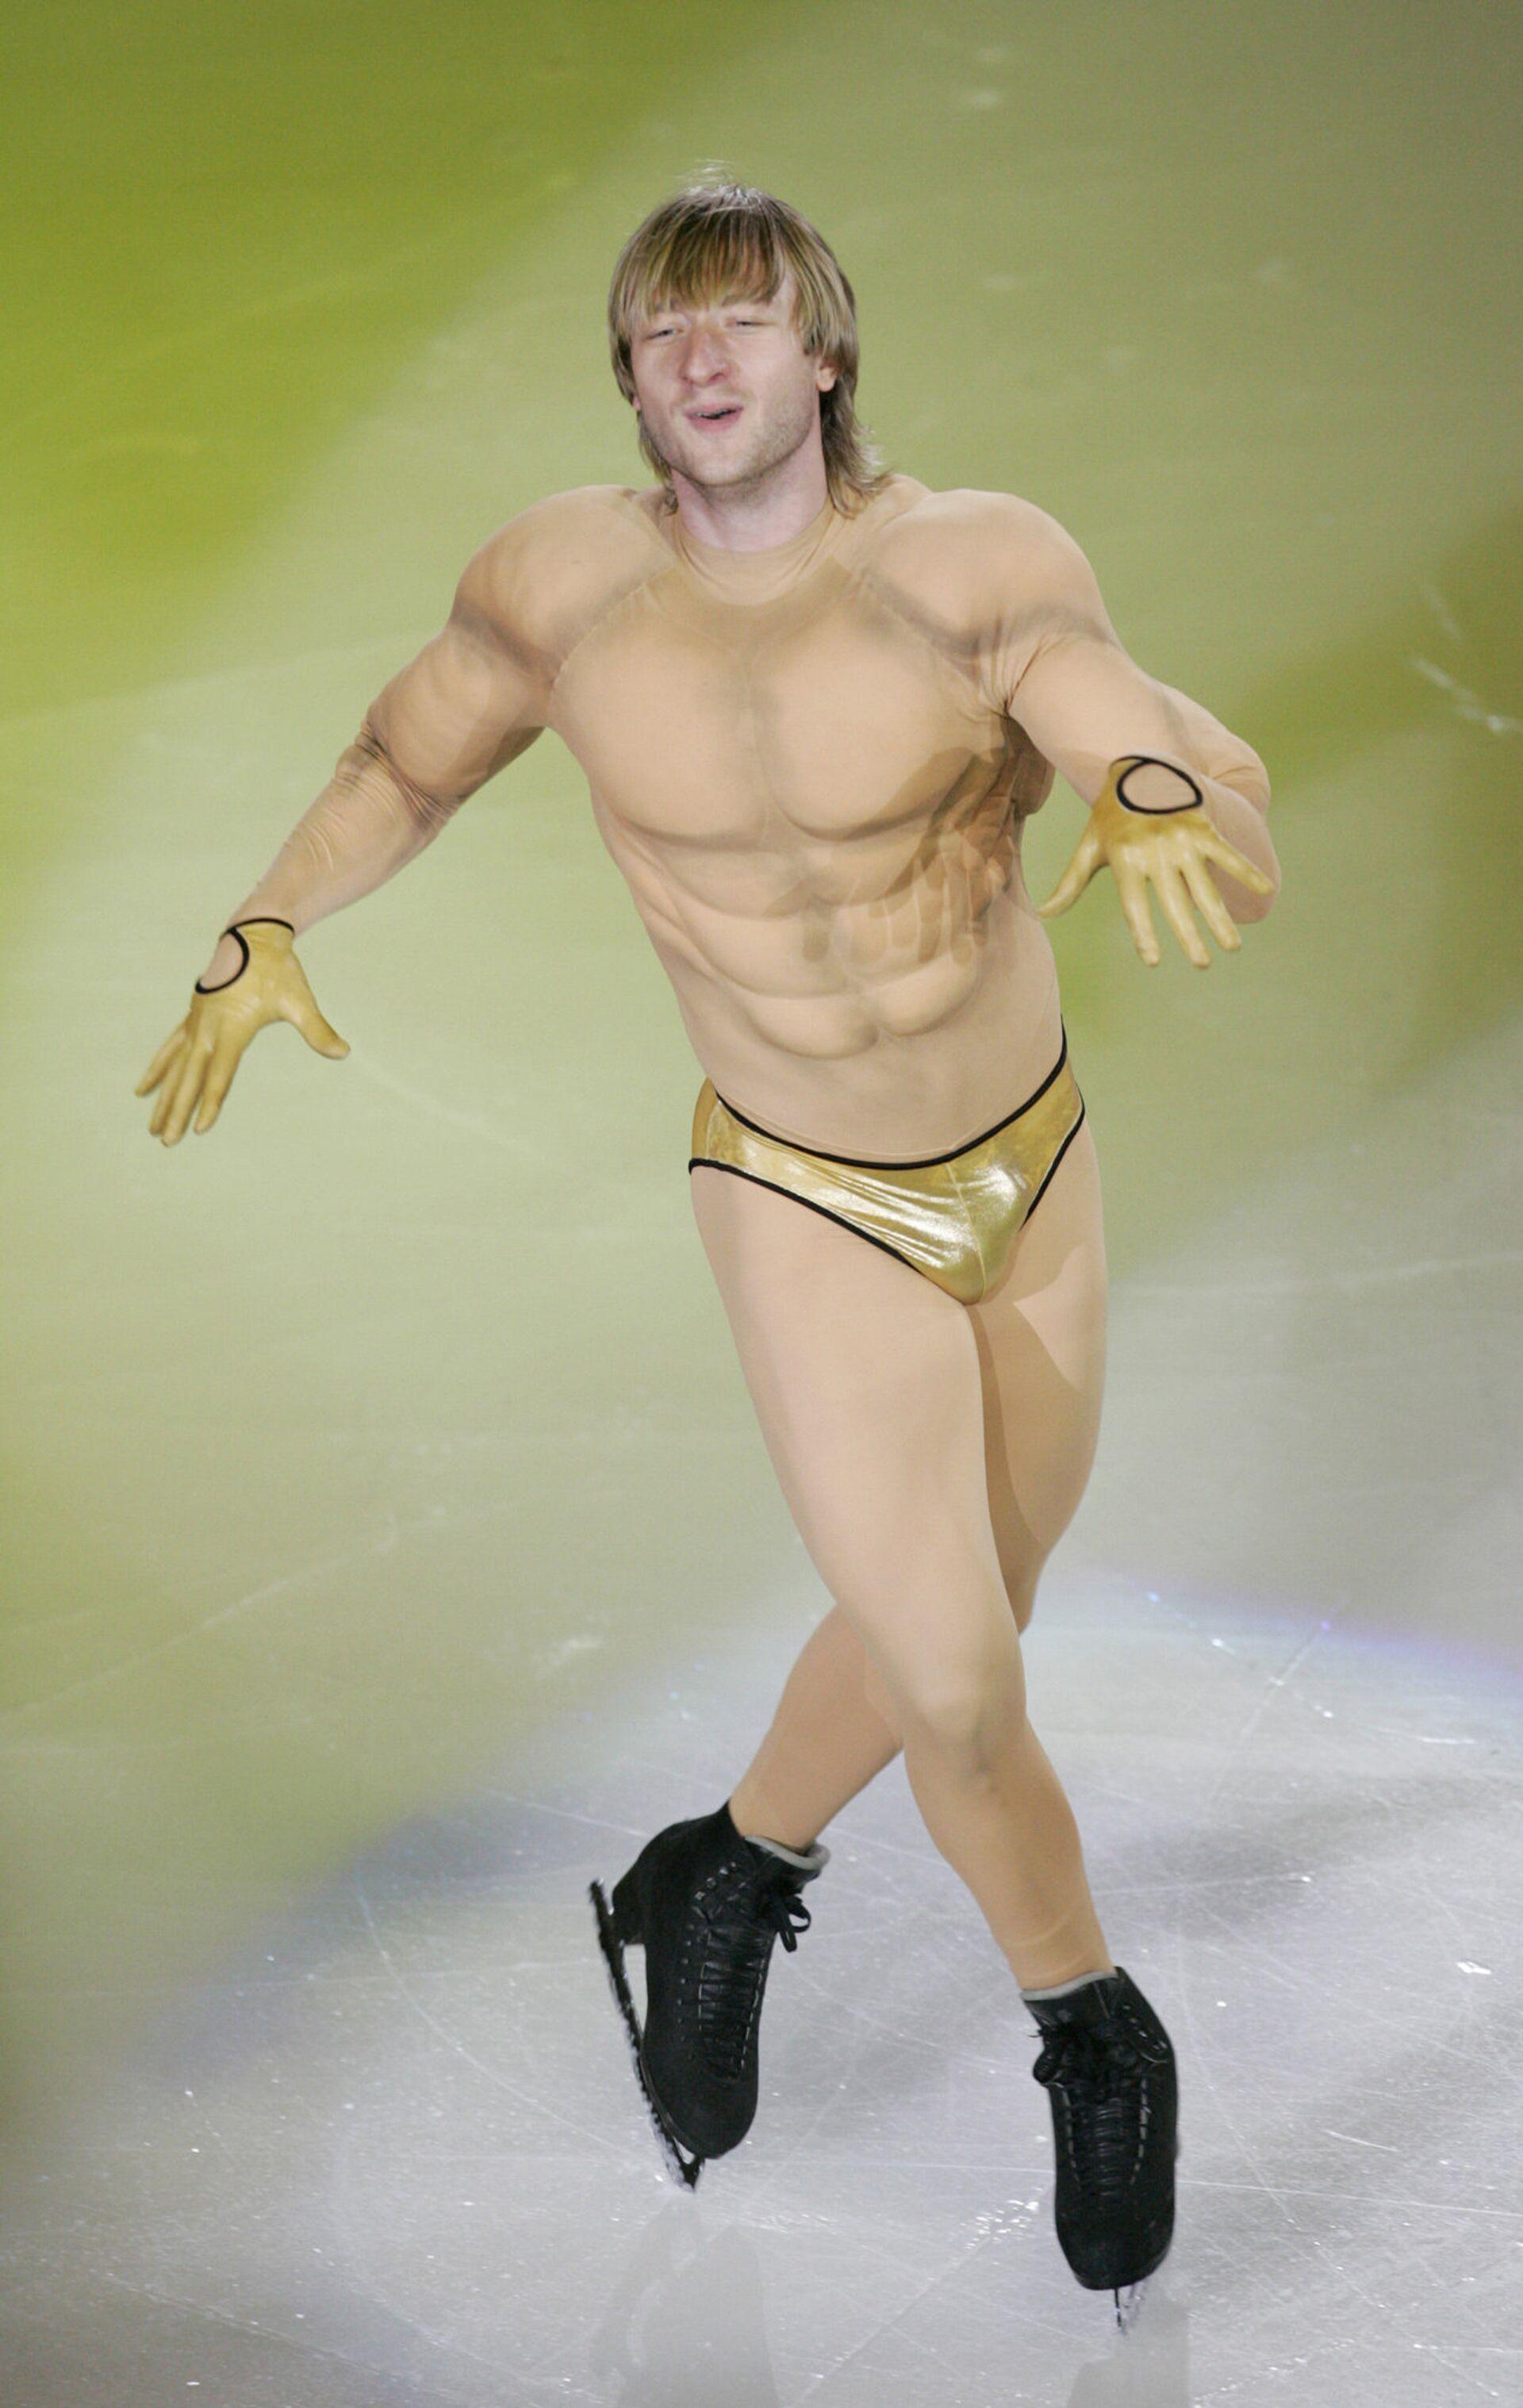 Евгений Плющенко, завоевавший золотую медаль по фигурному катанию на Олимпийских играх-2006 в Турине, выступает на гала-шоу в Сеуле - РИА Новости, 1920, 30.11.2020